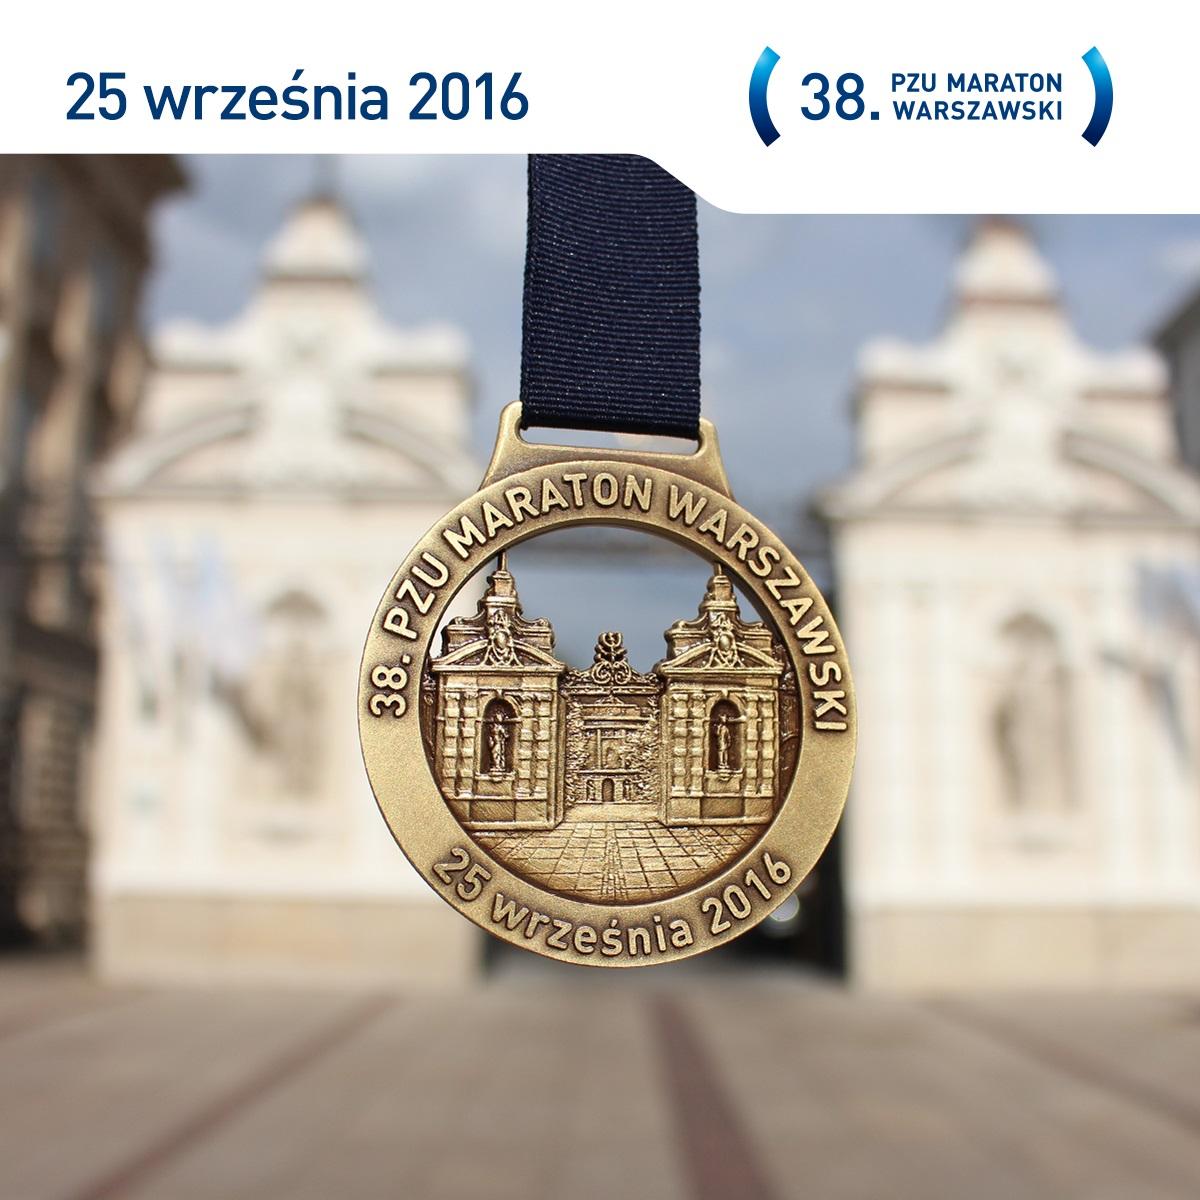 Medal 38. pzu maraton warszawski 2016, mapa, trasa, zapisy